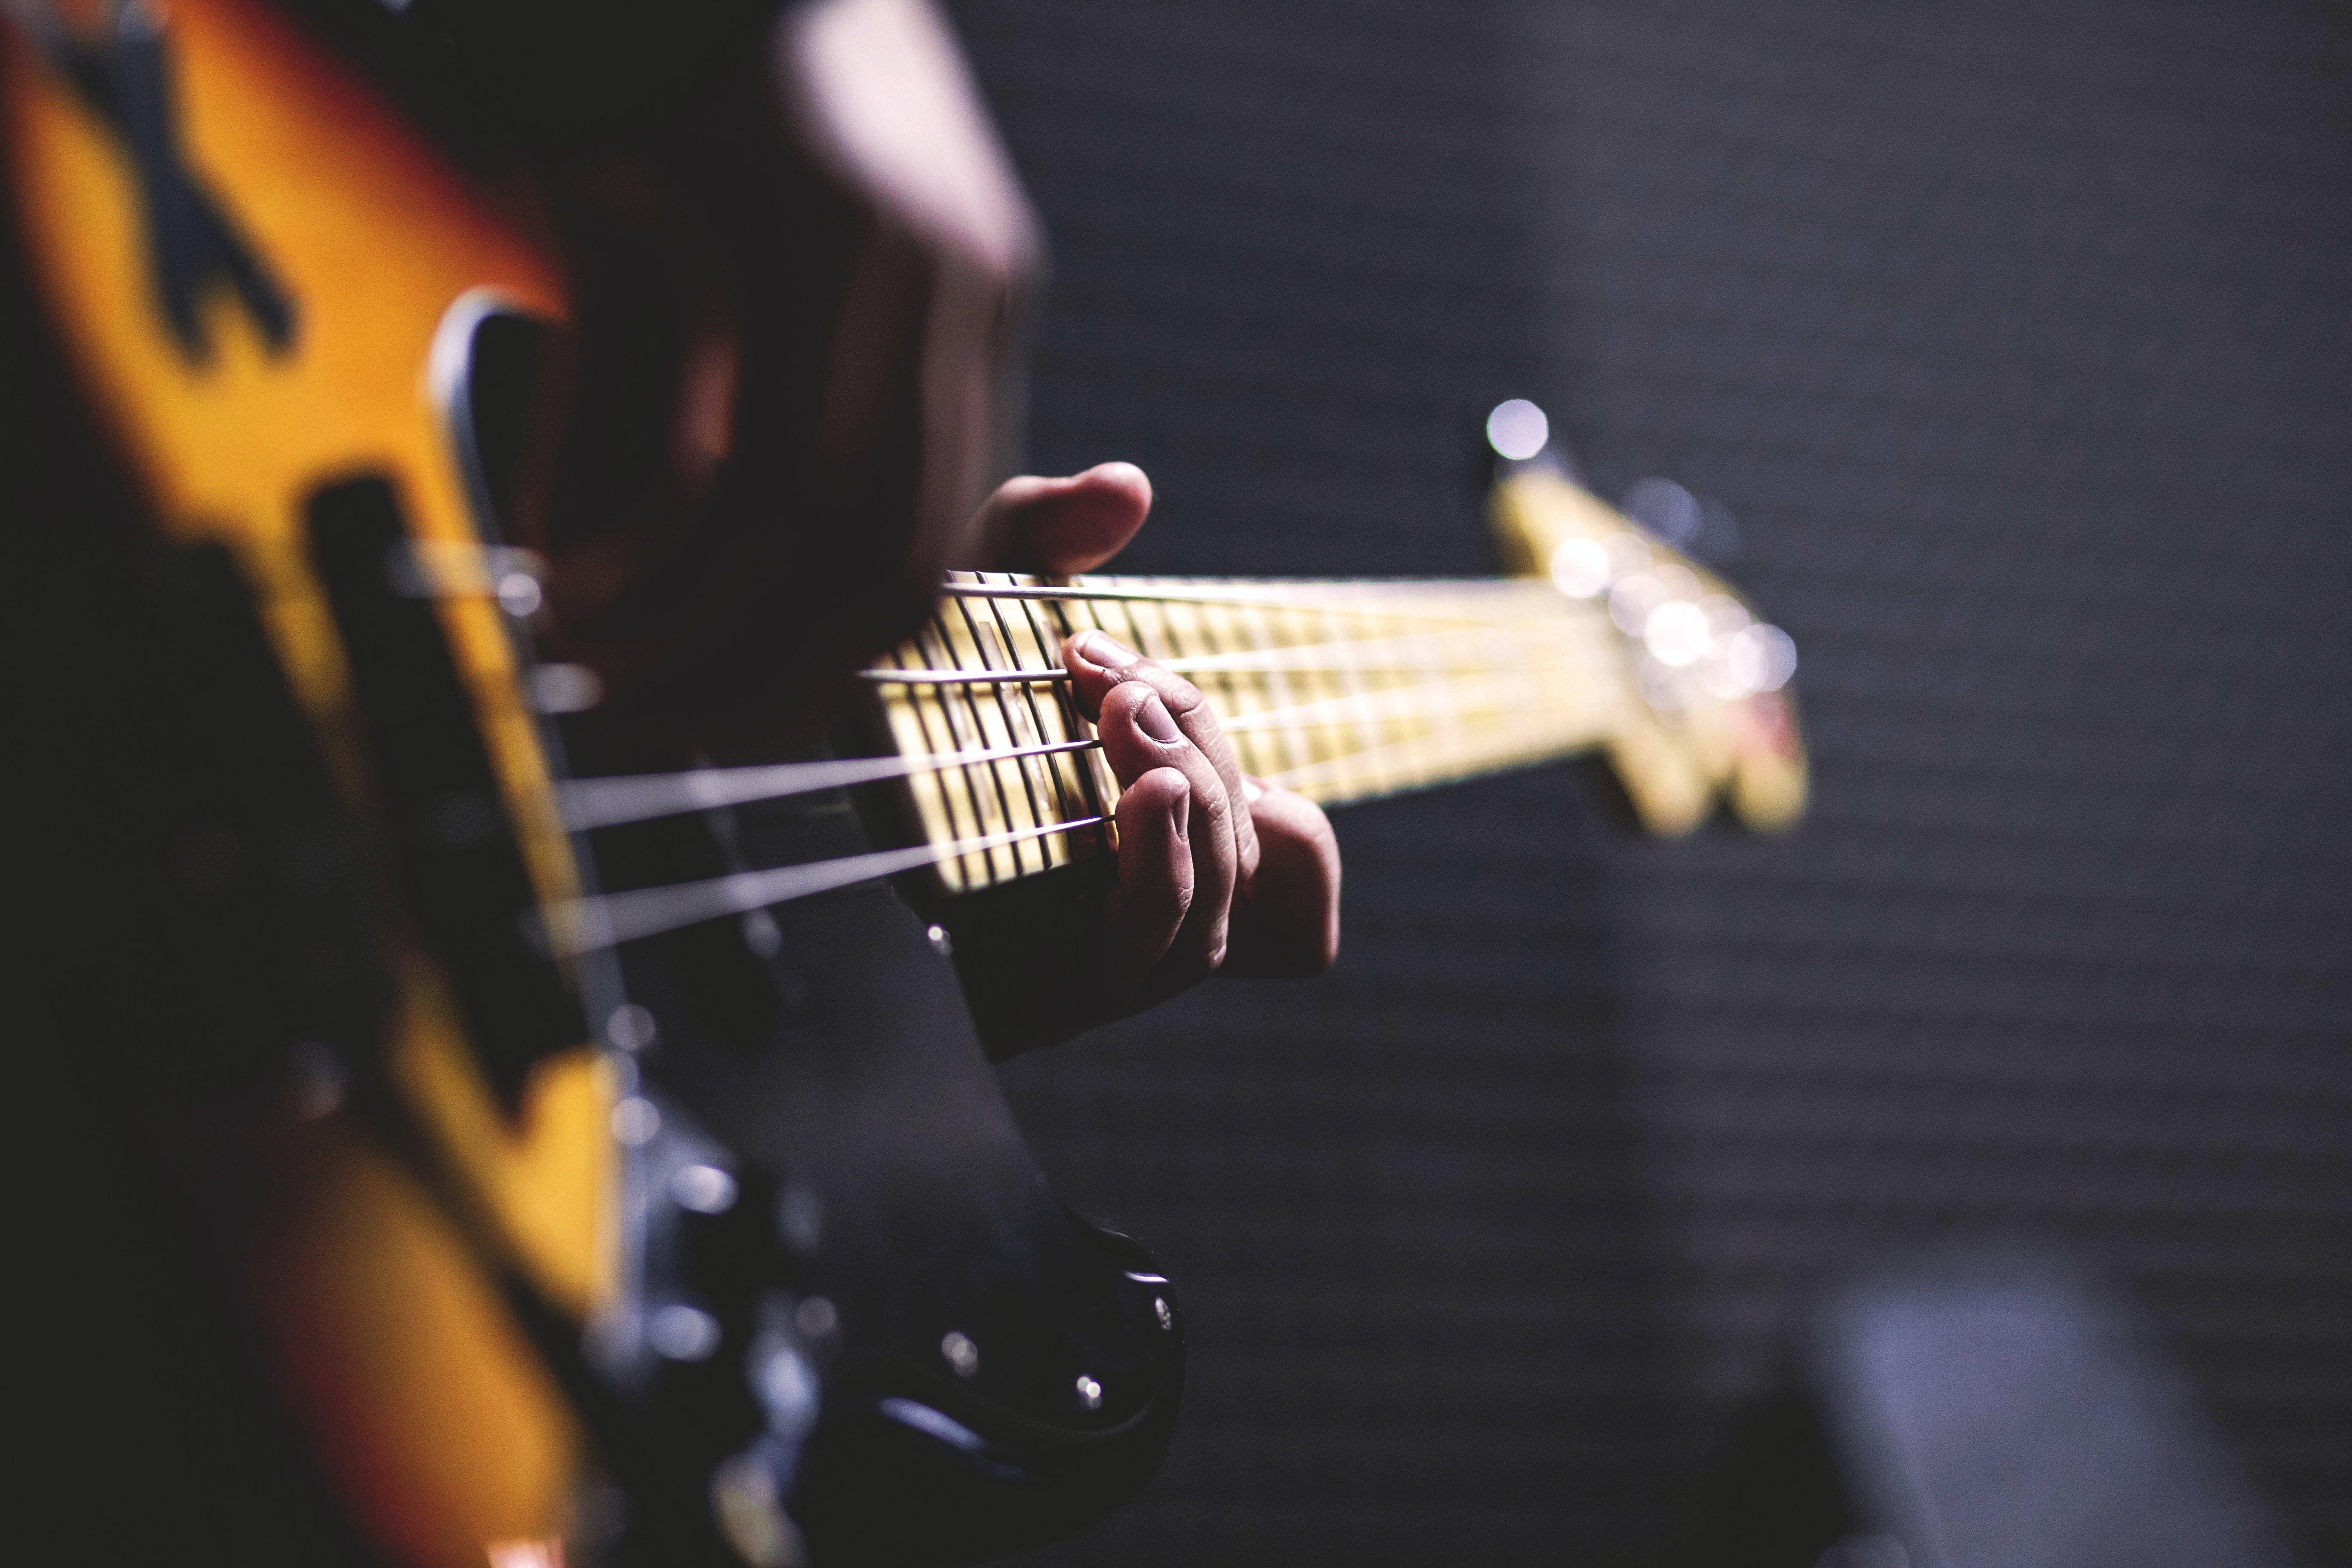 bass guitar, chord, close-up